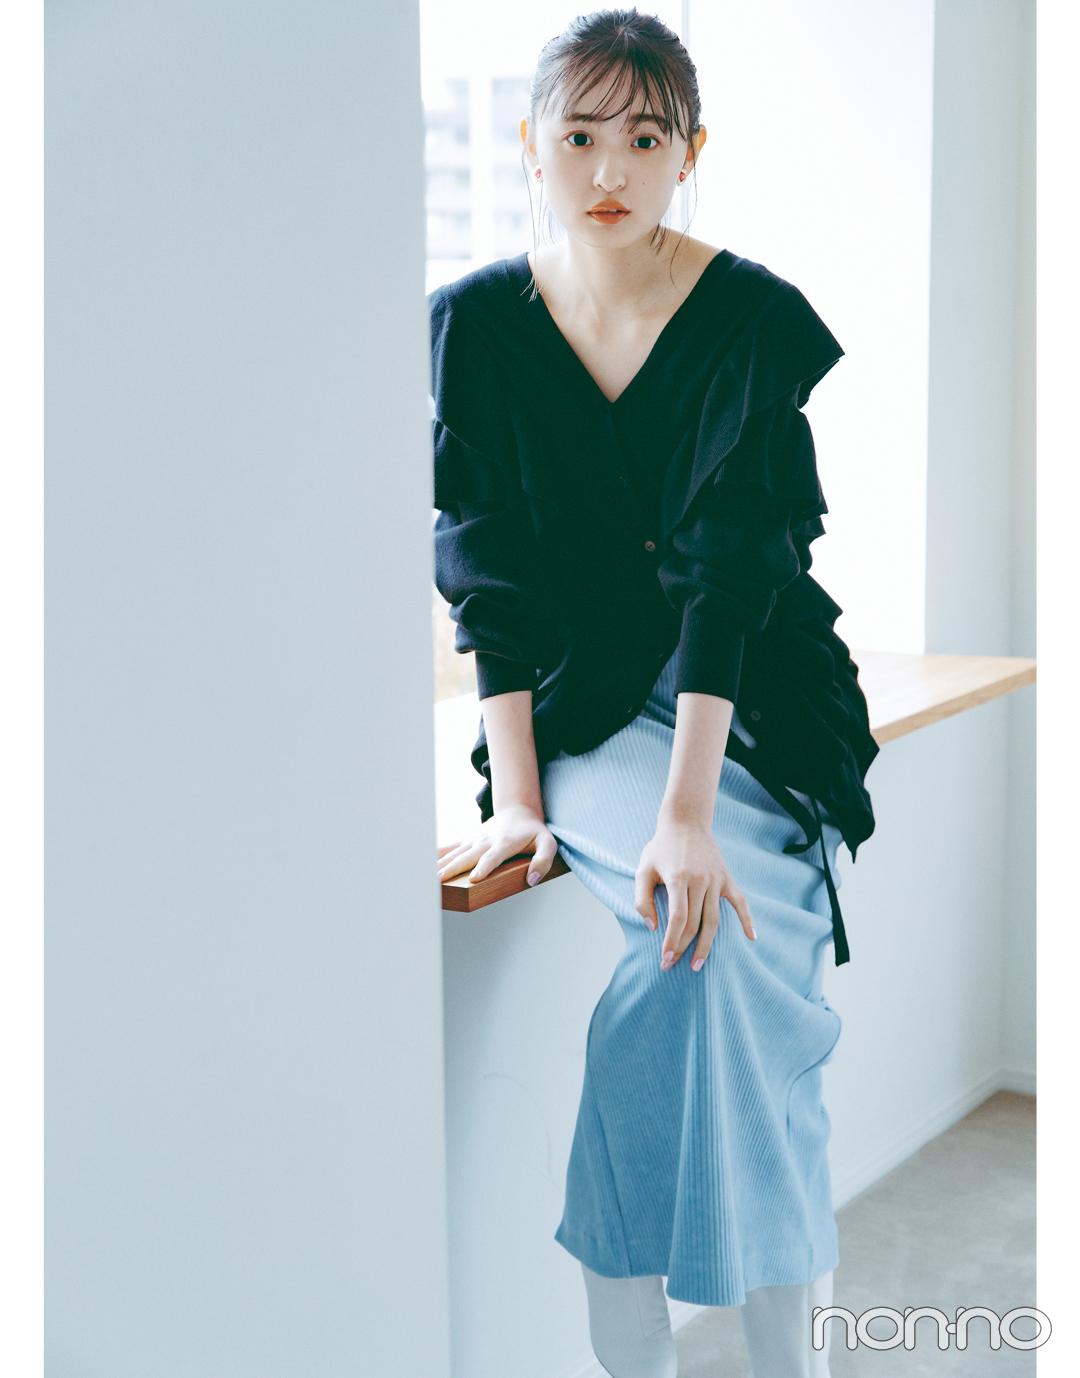 遠藤さくらSweet BLACK♡ きれい色と合わせて上級者っぽく_1_3